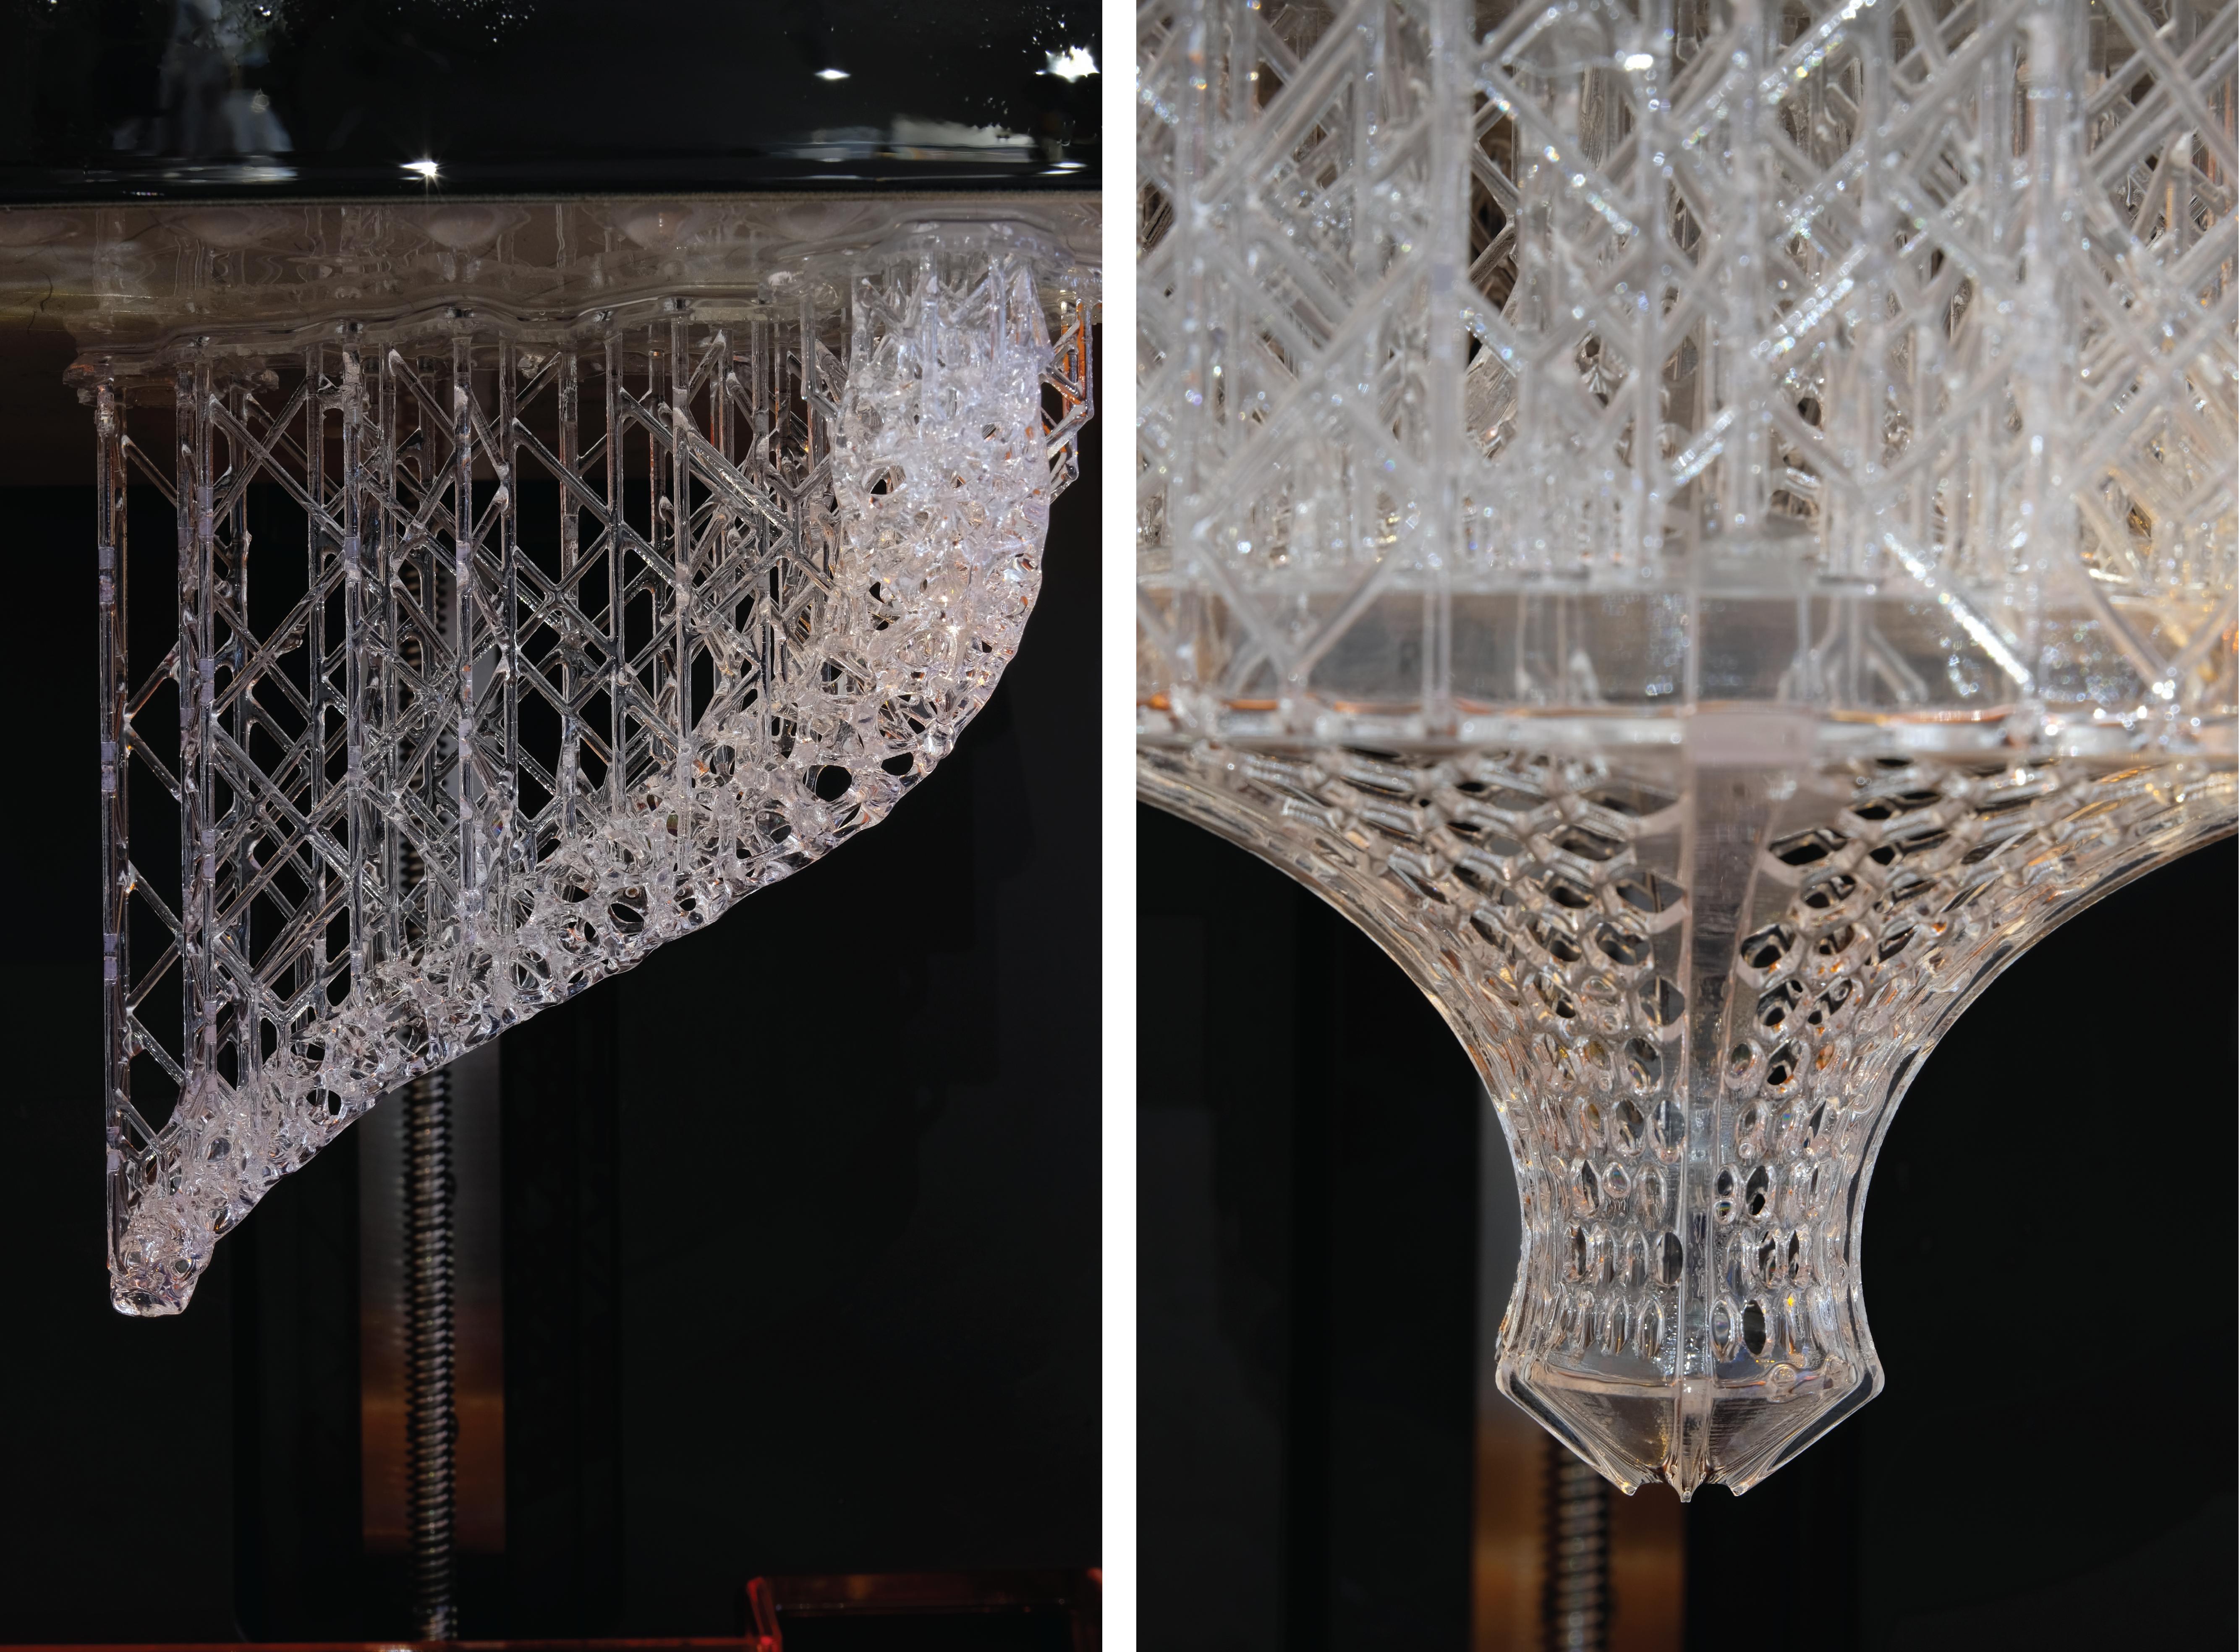 Erste Experimente mit Oberfläche und Stützstrukturen führten das Studio Moritz Waldemeyer zu einer Rautenmusterung, damit sich das Modell selbst halten kann und möglichst wenige Stützstrukturen braucht.